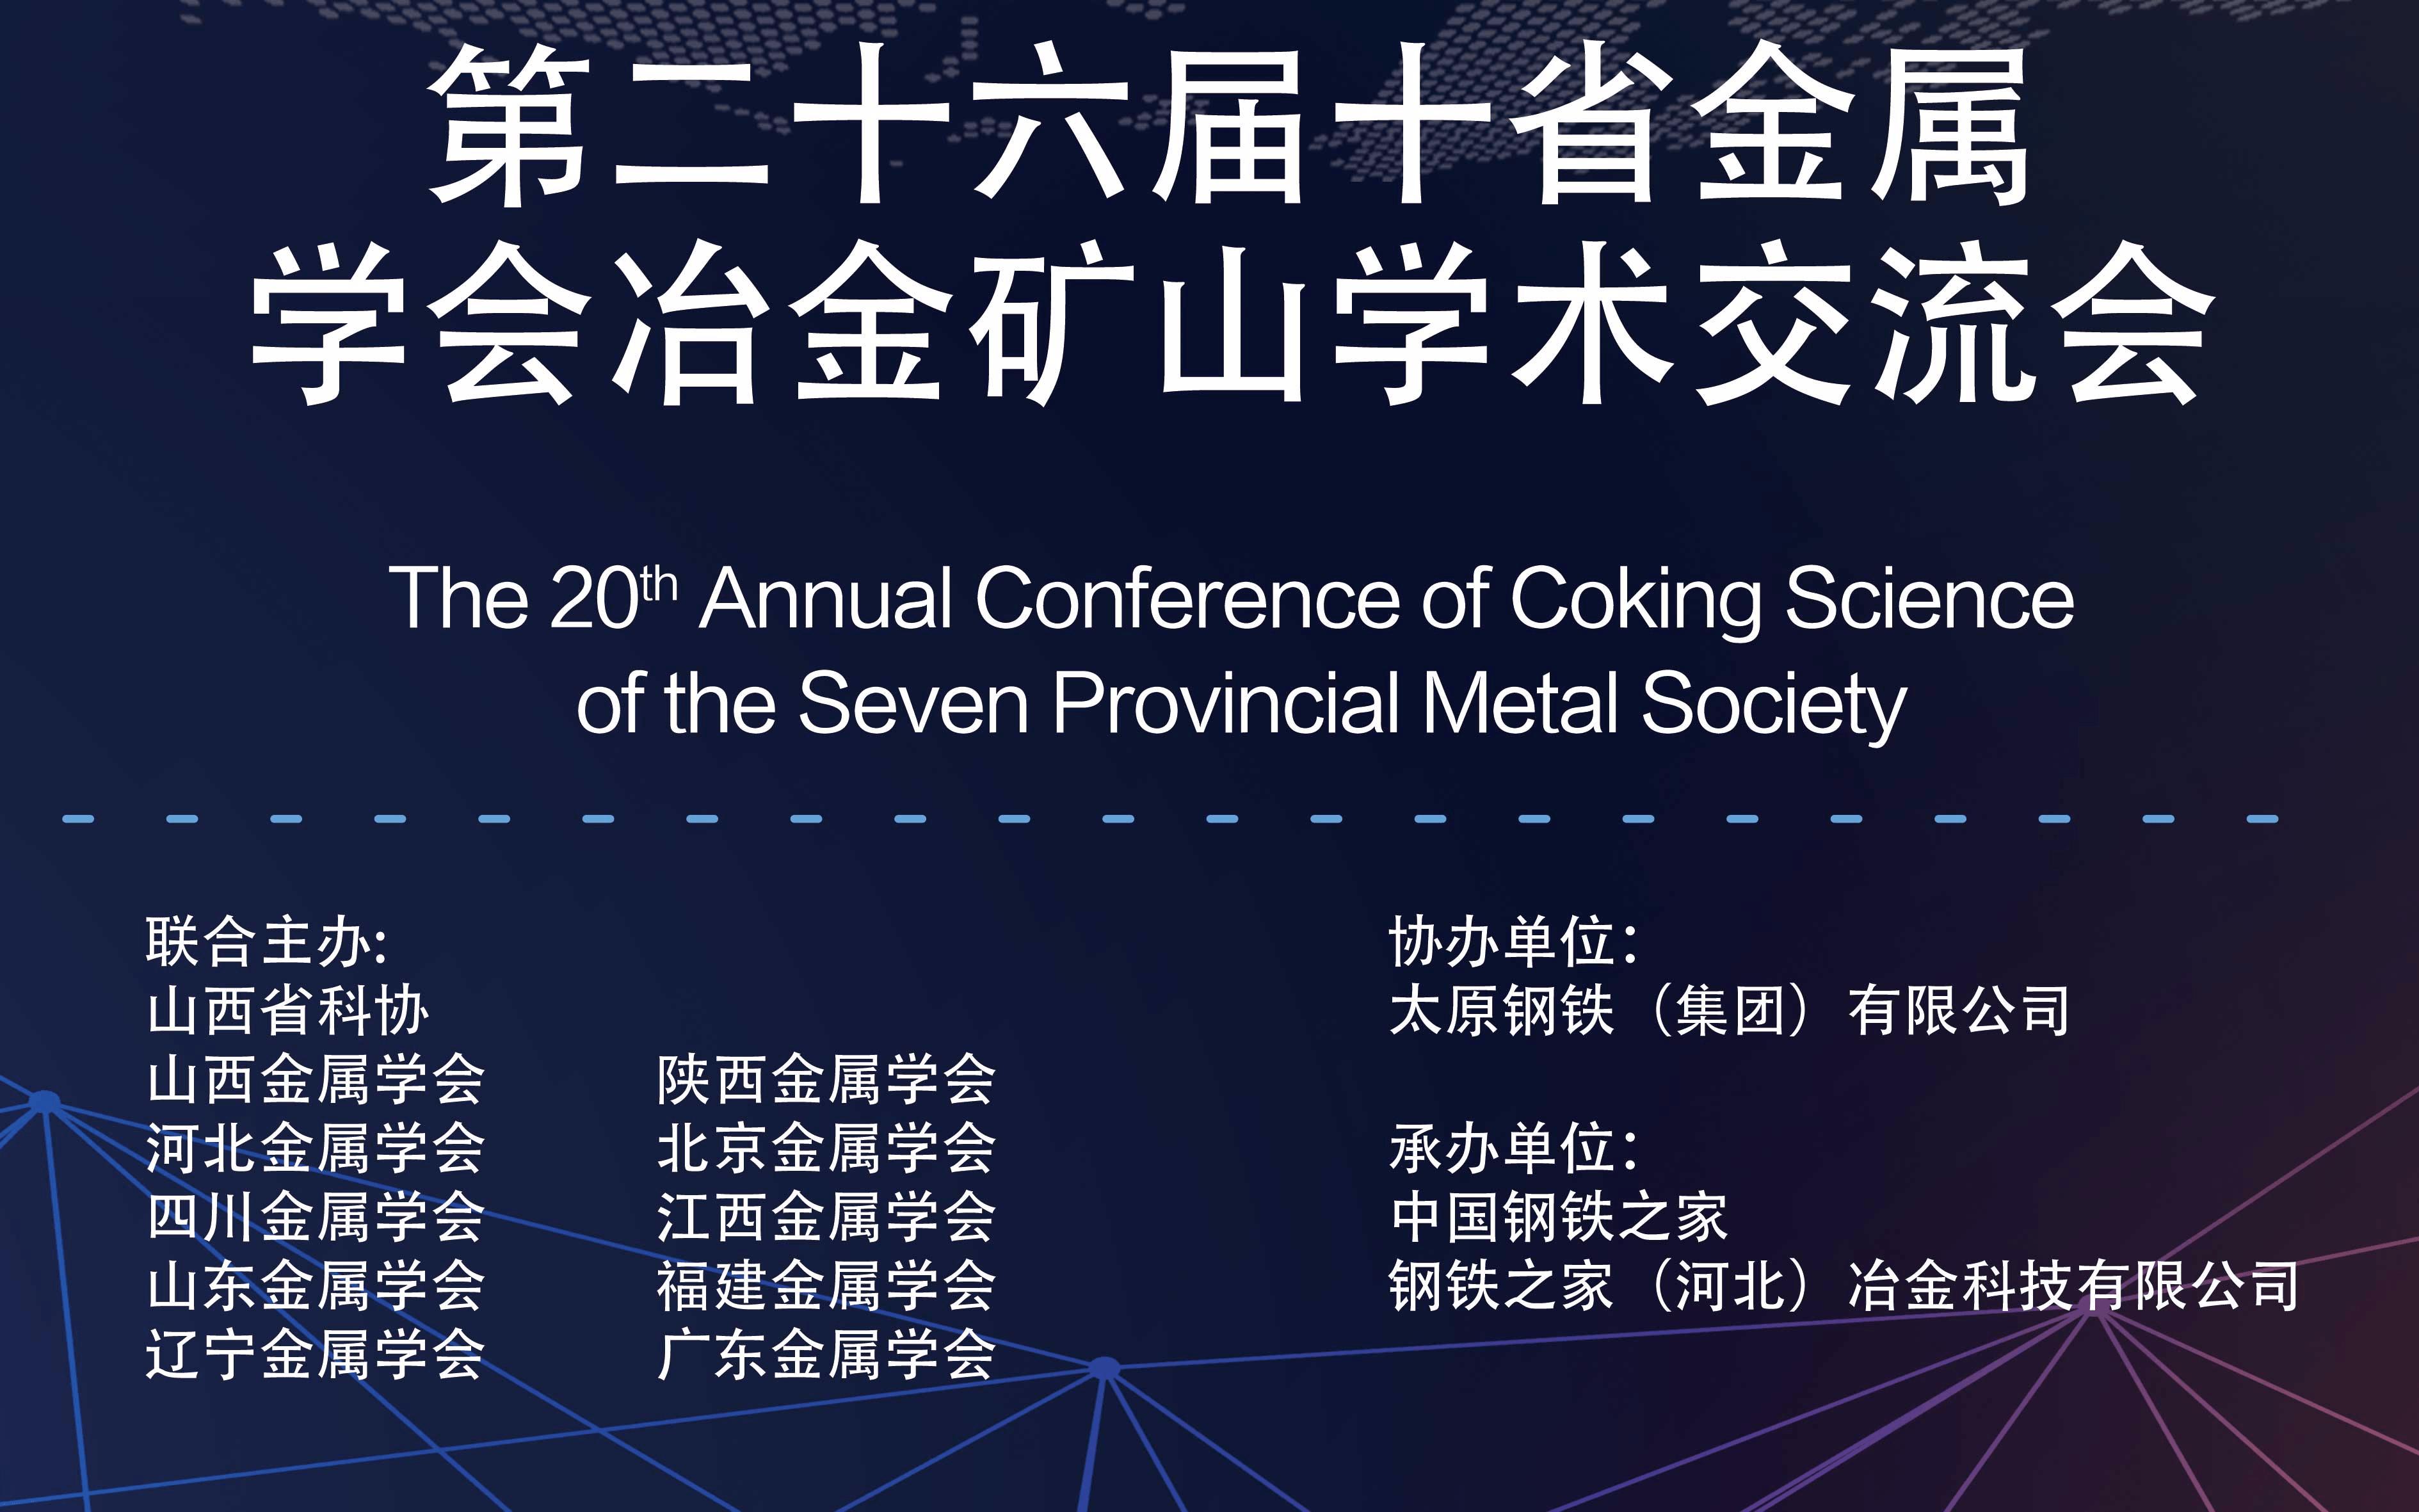 第二十六届十省金属学会冶金矿山学术交流会2019(太原)